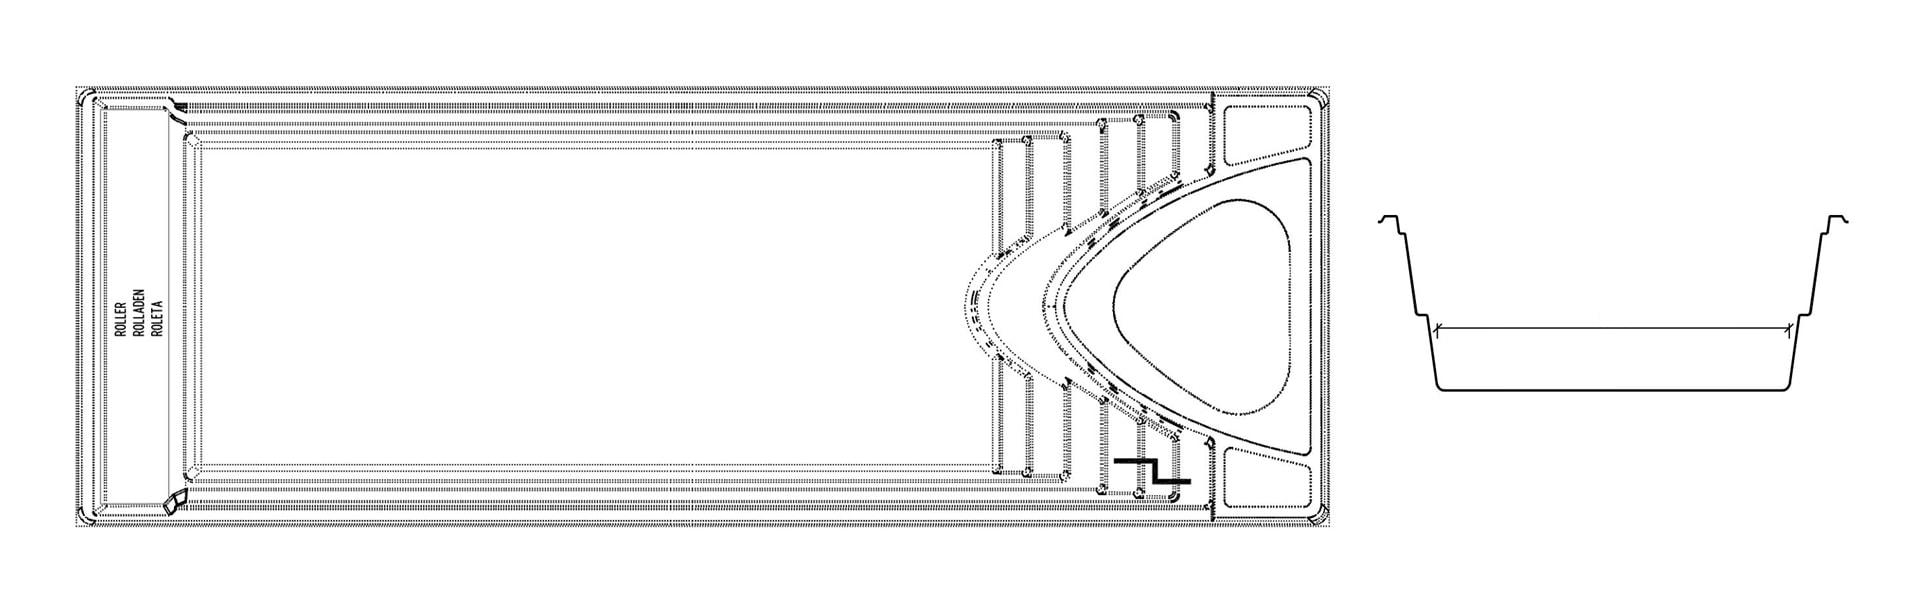 Yacht pool чертеж